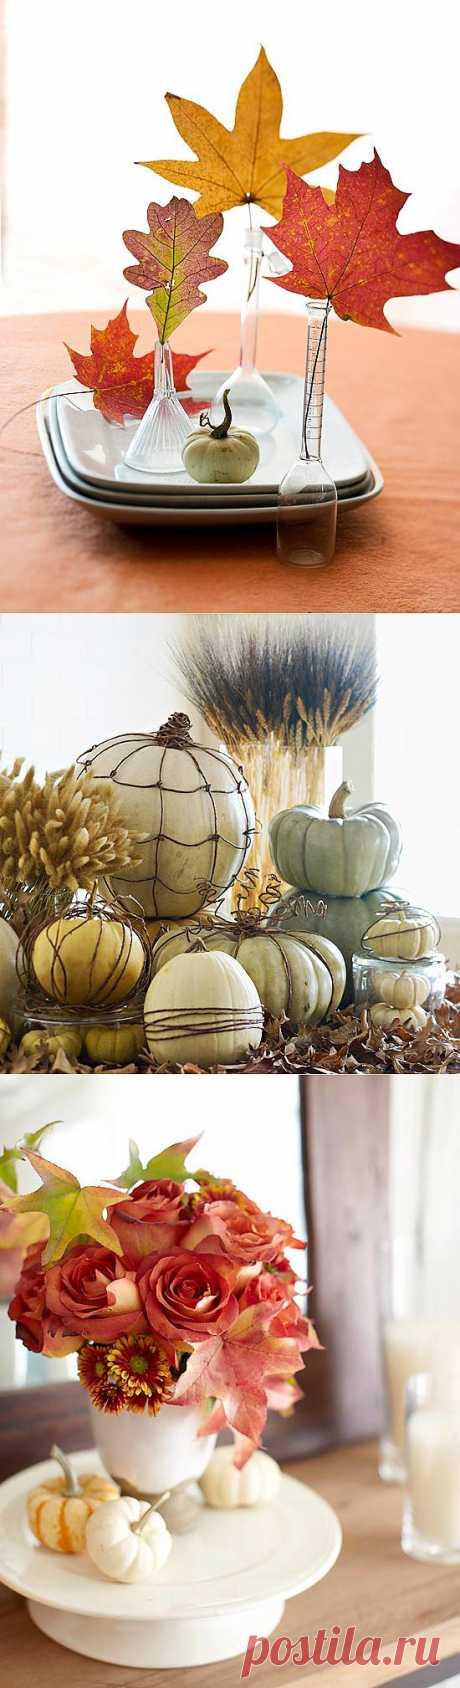 Осенний декор из натуральных материалов | Дом-Цветник